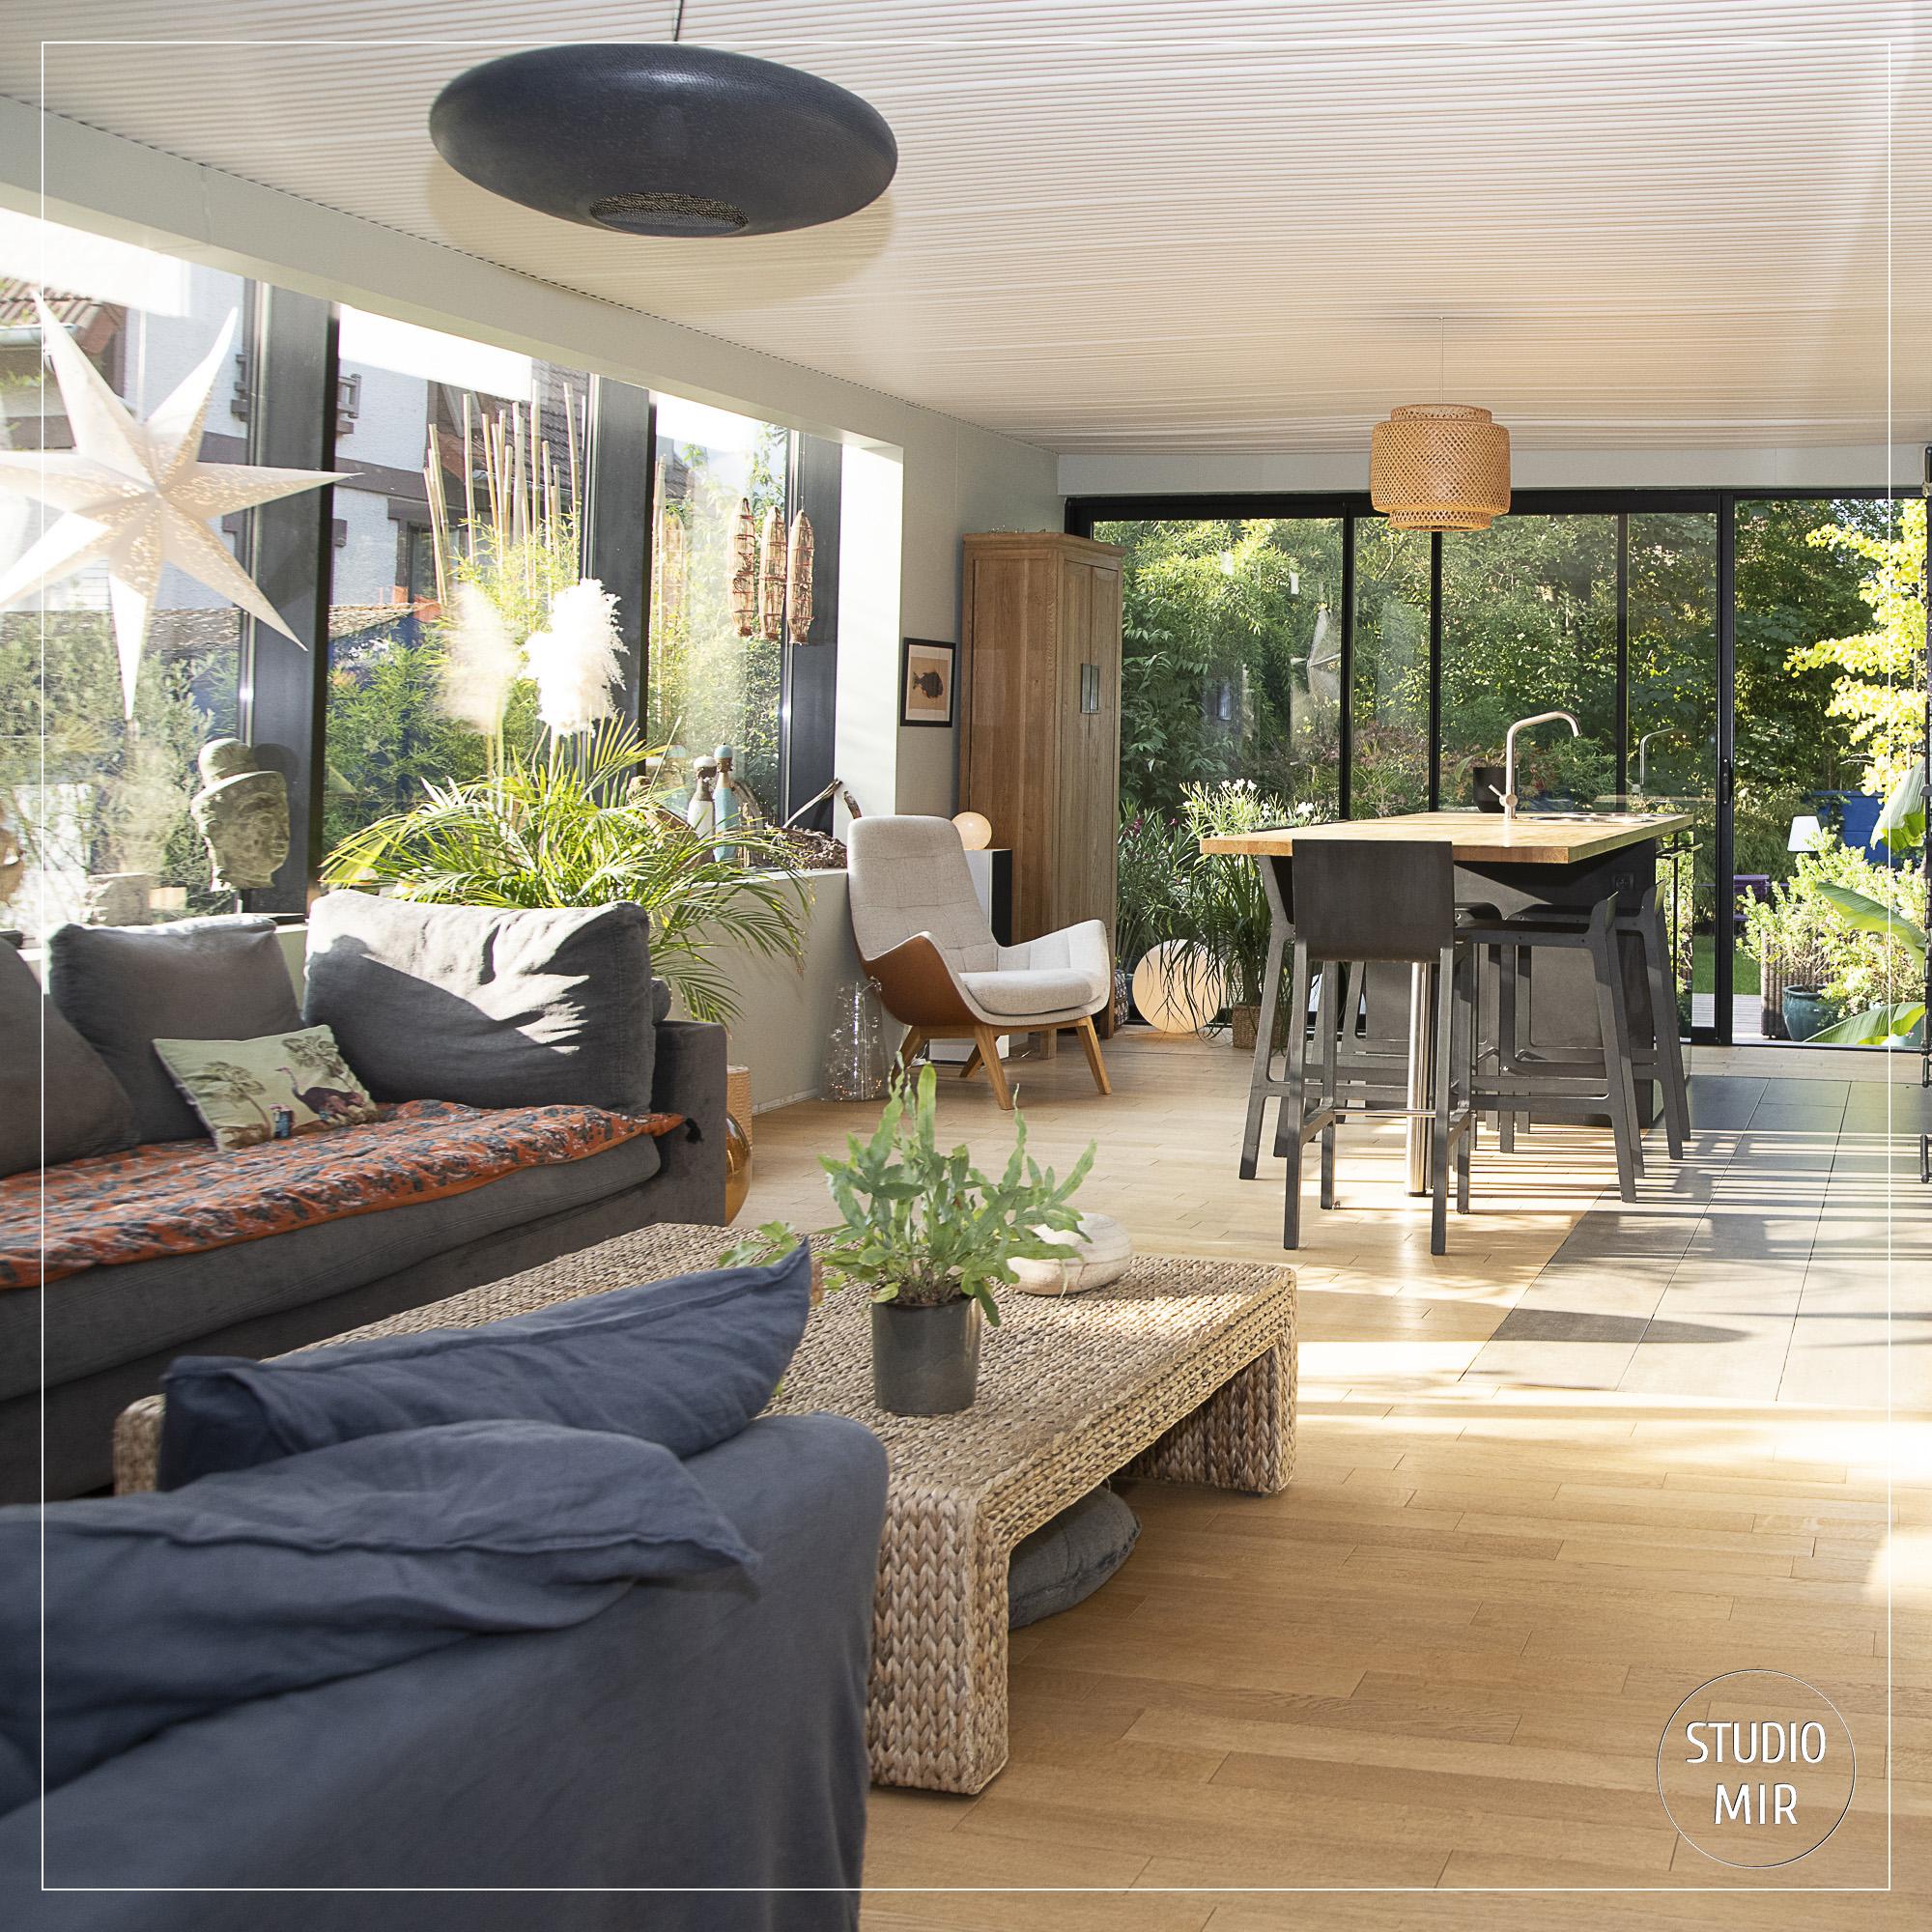 Photographe Immobilier et visite virtuelle d'appartement dans le Val de Marne pour mettre en valeur un appartement ou une maison